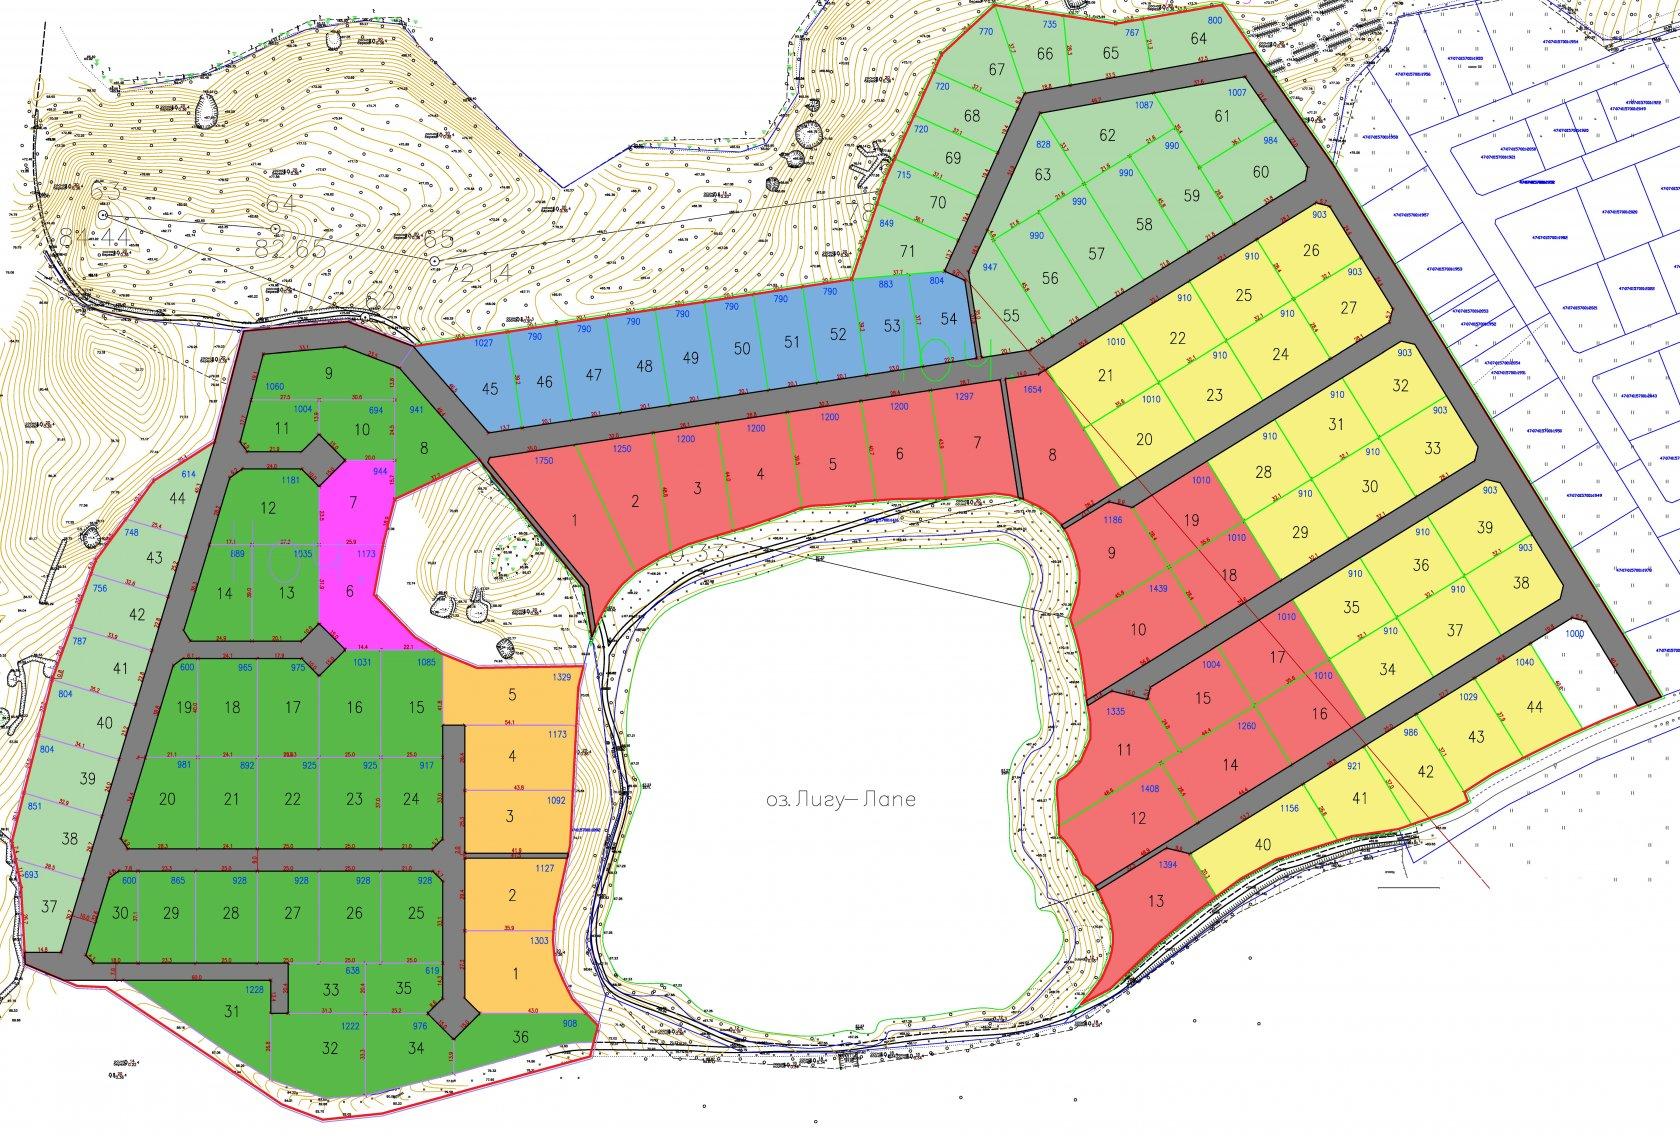 Генеральный план Лесное озеро